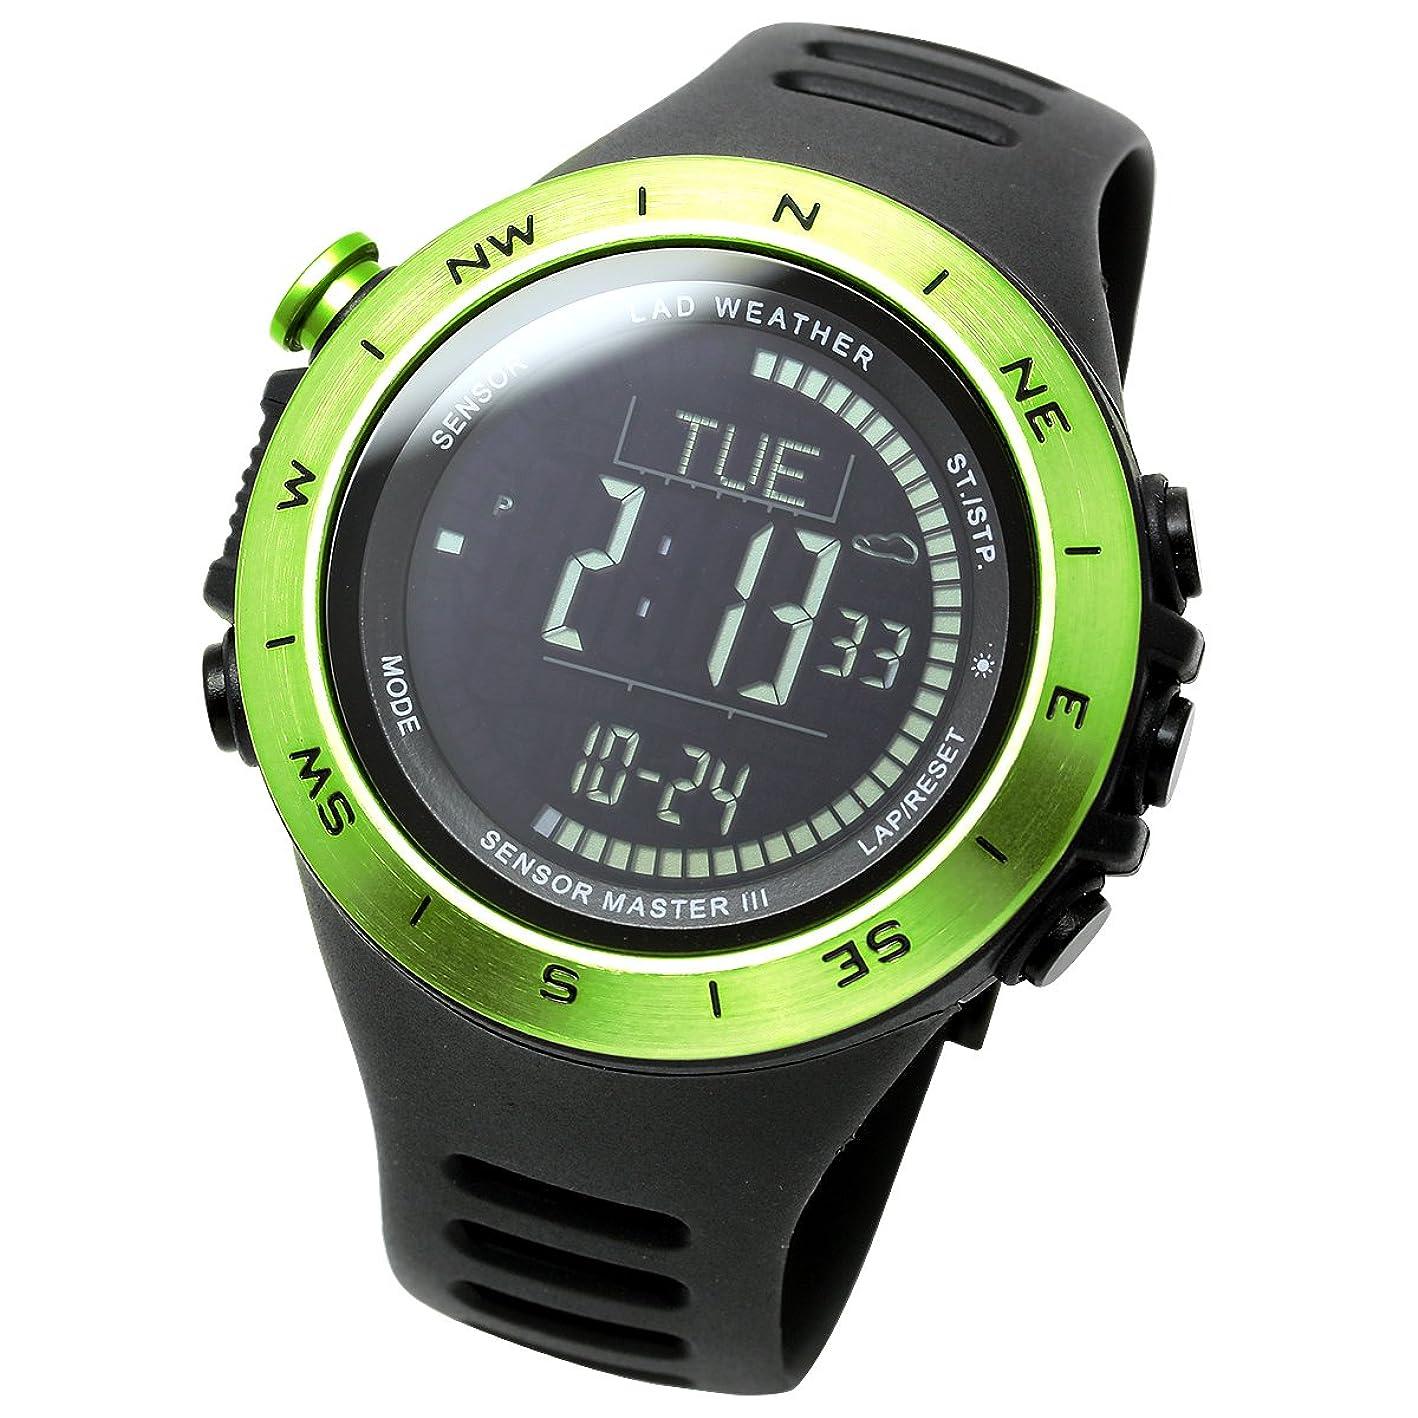 匿名マカダムに賛成[ラドウェザー]アウトドア腕時計 高度計 気圧計 気温計 歩数計 コンパス 100m防水 スポーツ時計 lad024